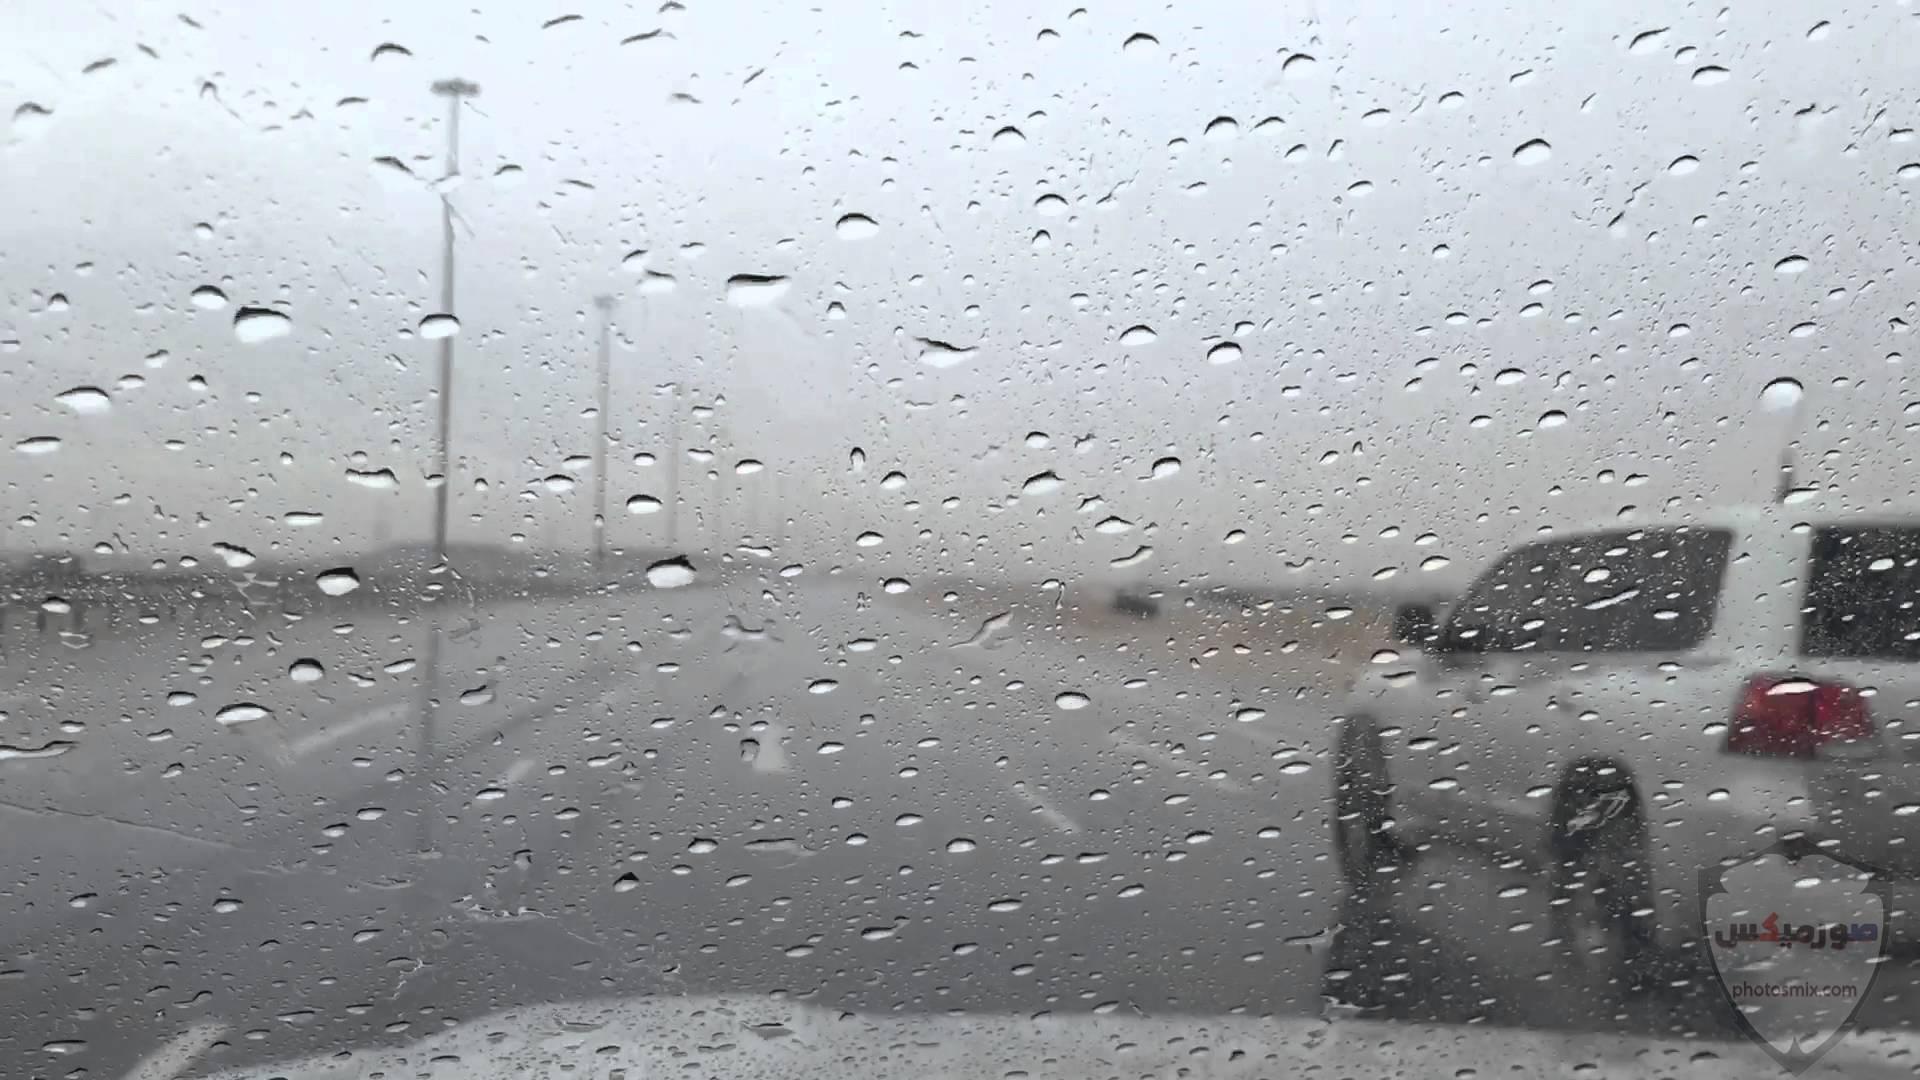 صور مطر 2020 اجمل الصور والعبارات عن المطر 9 1